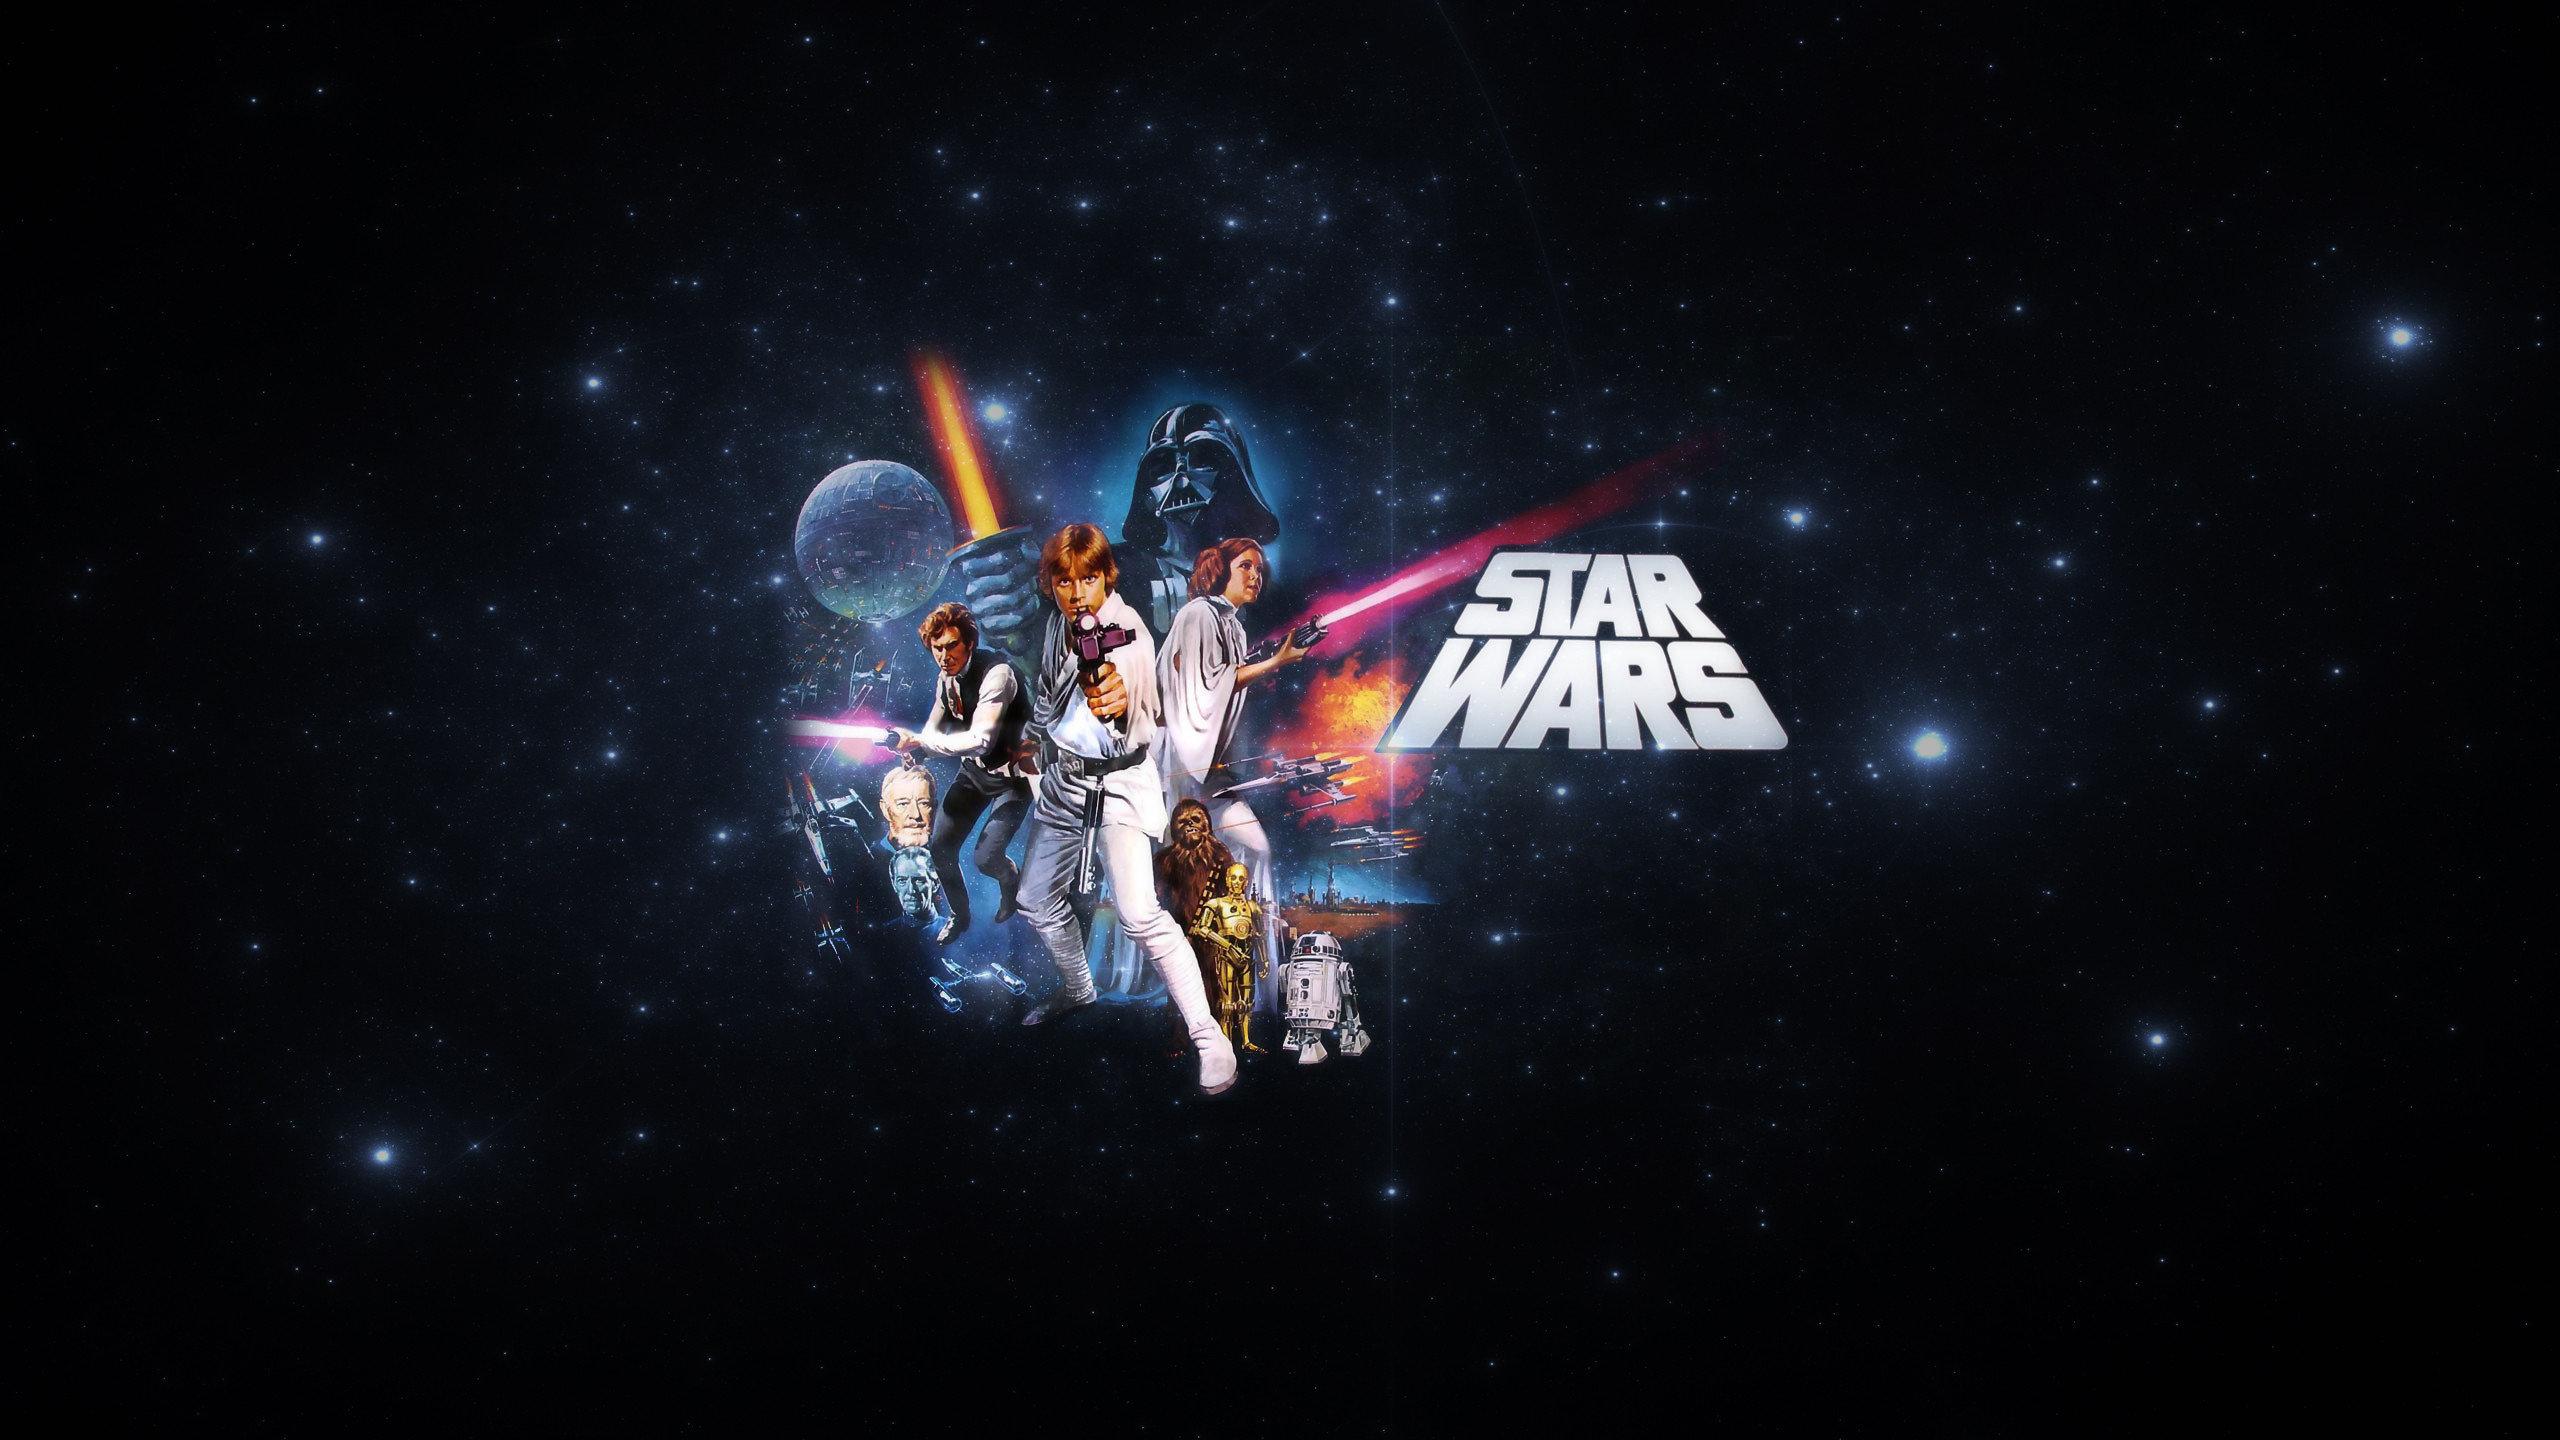 star wars background hd 2560x1440 458762